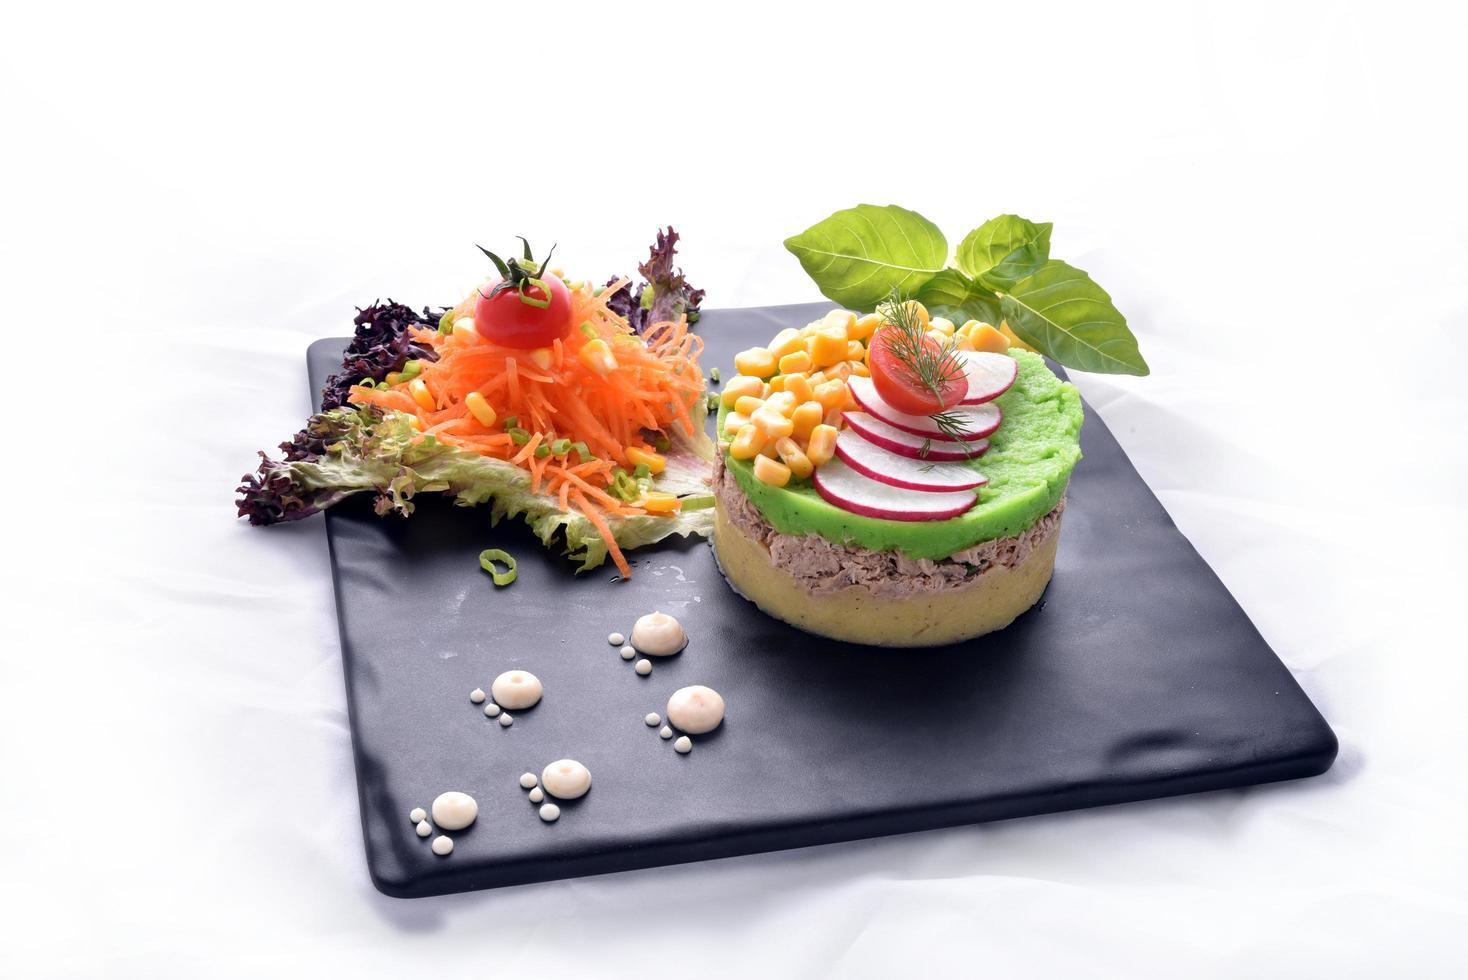 Tuna with mashed potatoes photo